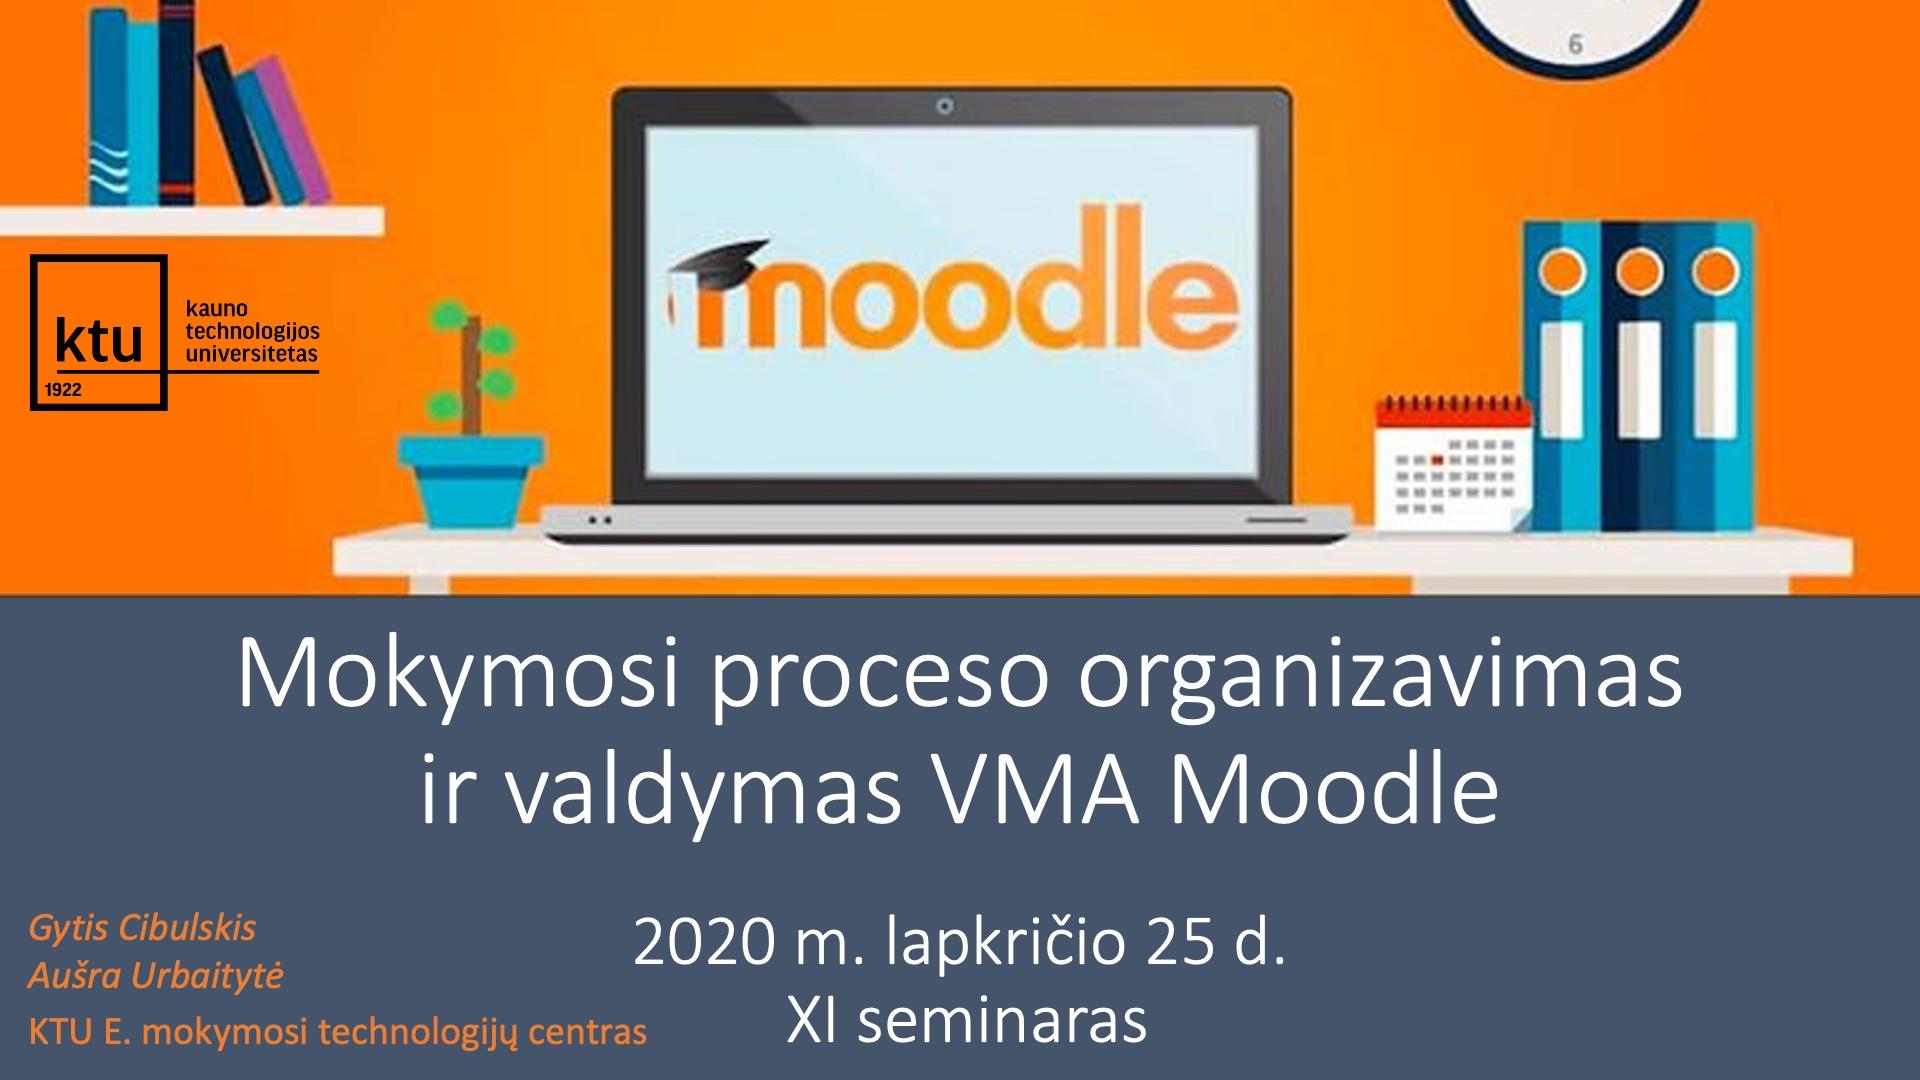 2020.11.25 Moodle mokymai (XI seminaras)